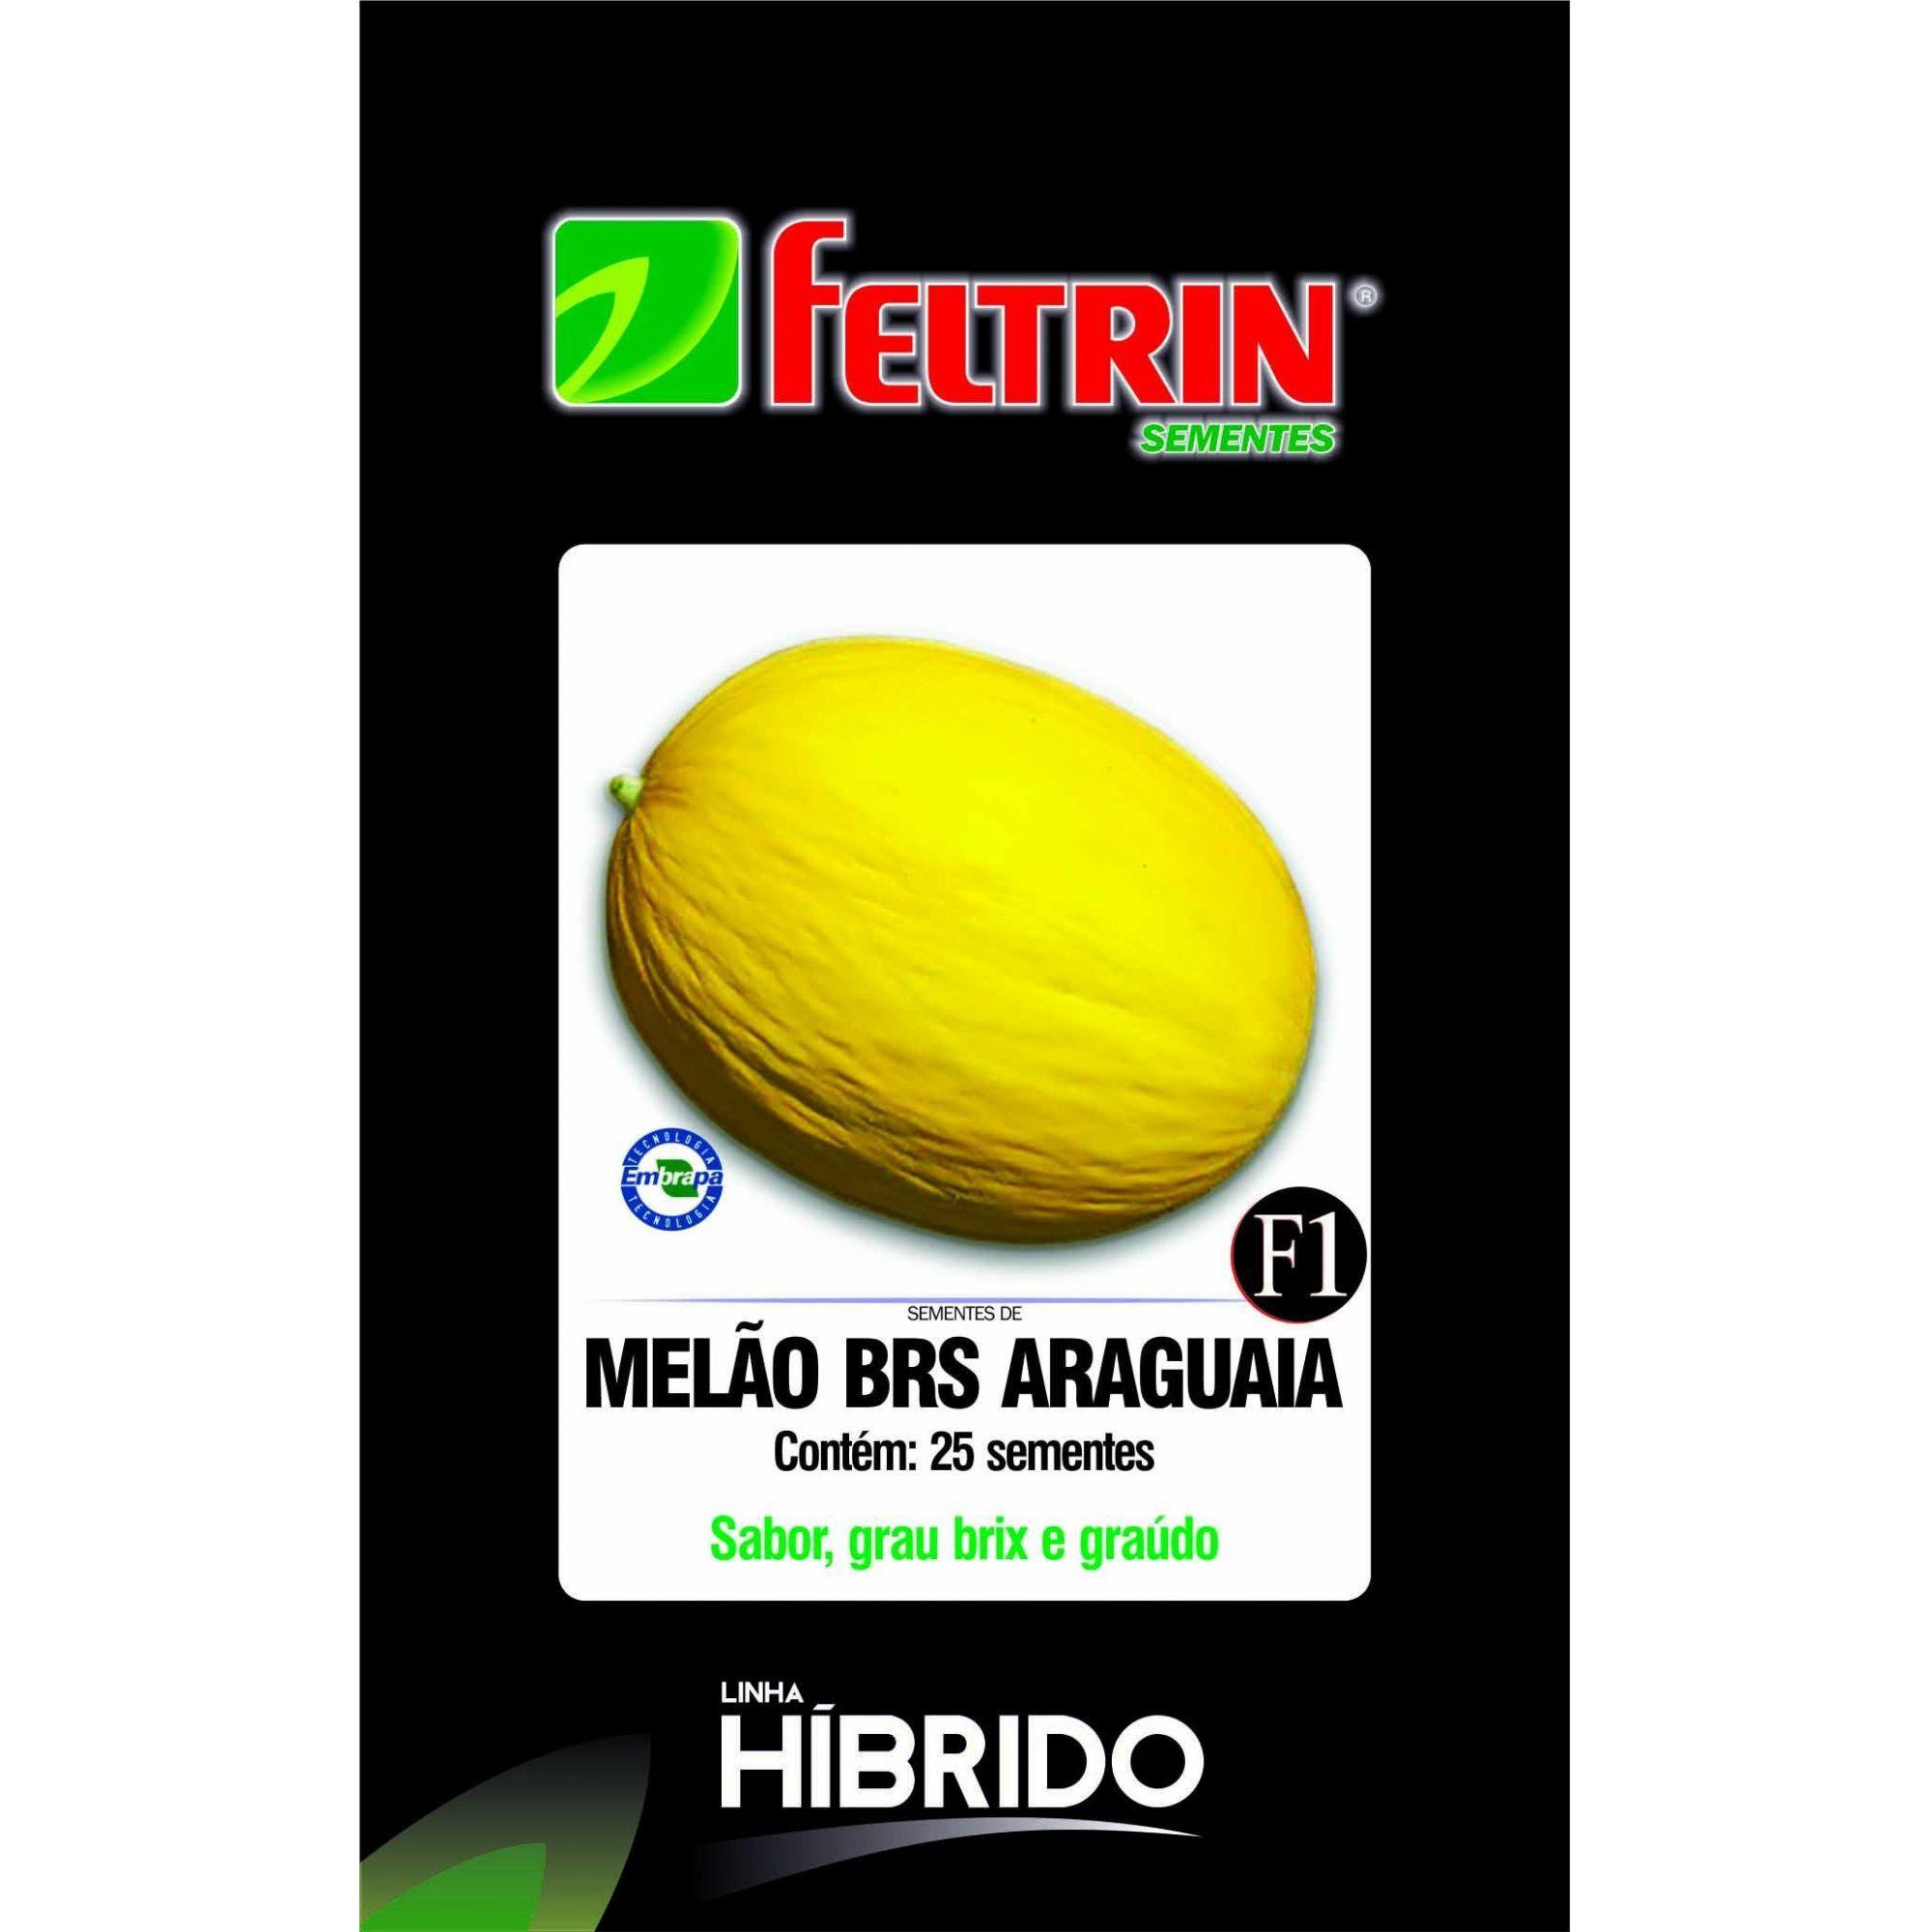 Sementes de Melão BRS Araguaia com 25 sementes - Feltrin Linha Híbrido